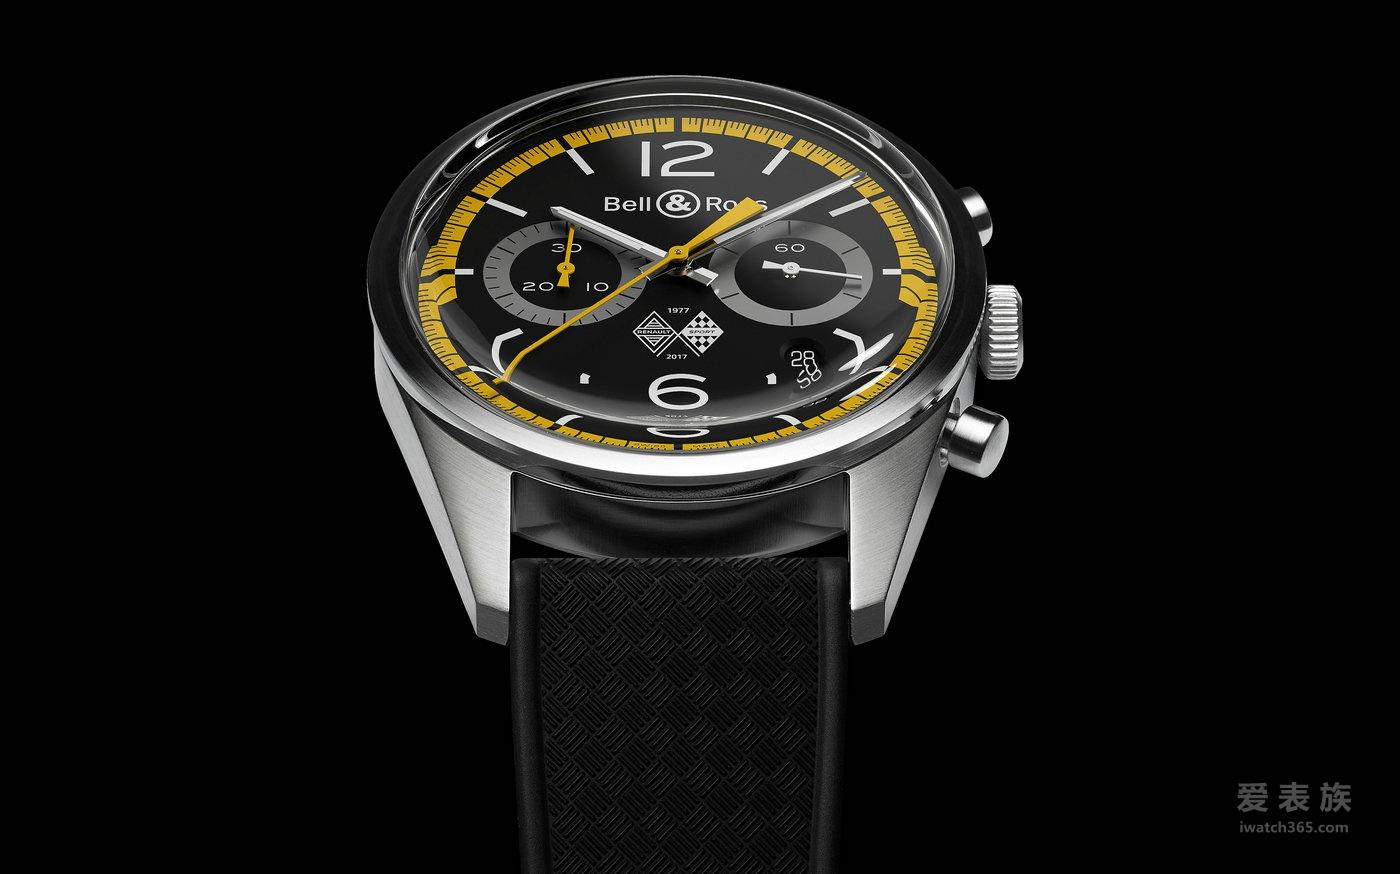 雷诺车队征战一级方程式40周年 Bell & Ross柏莱士全新限量BR126腕表